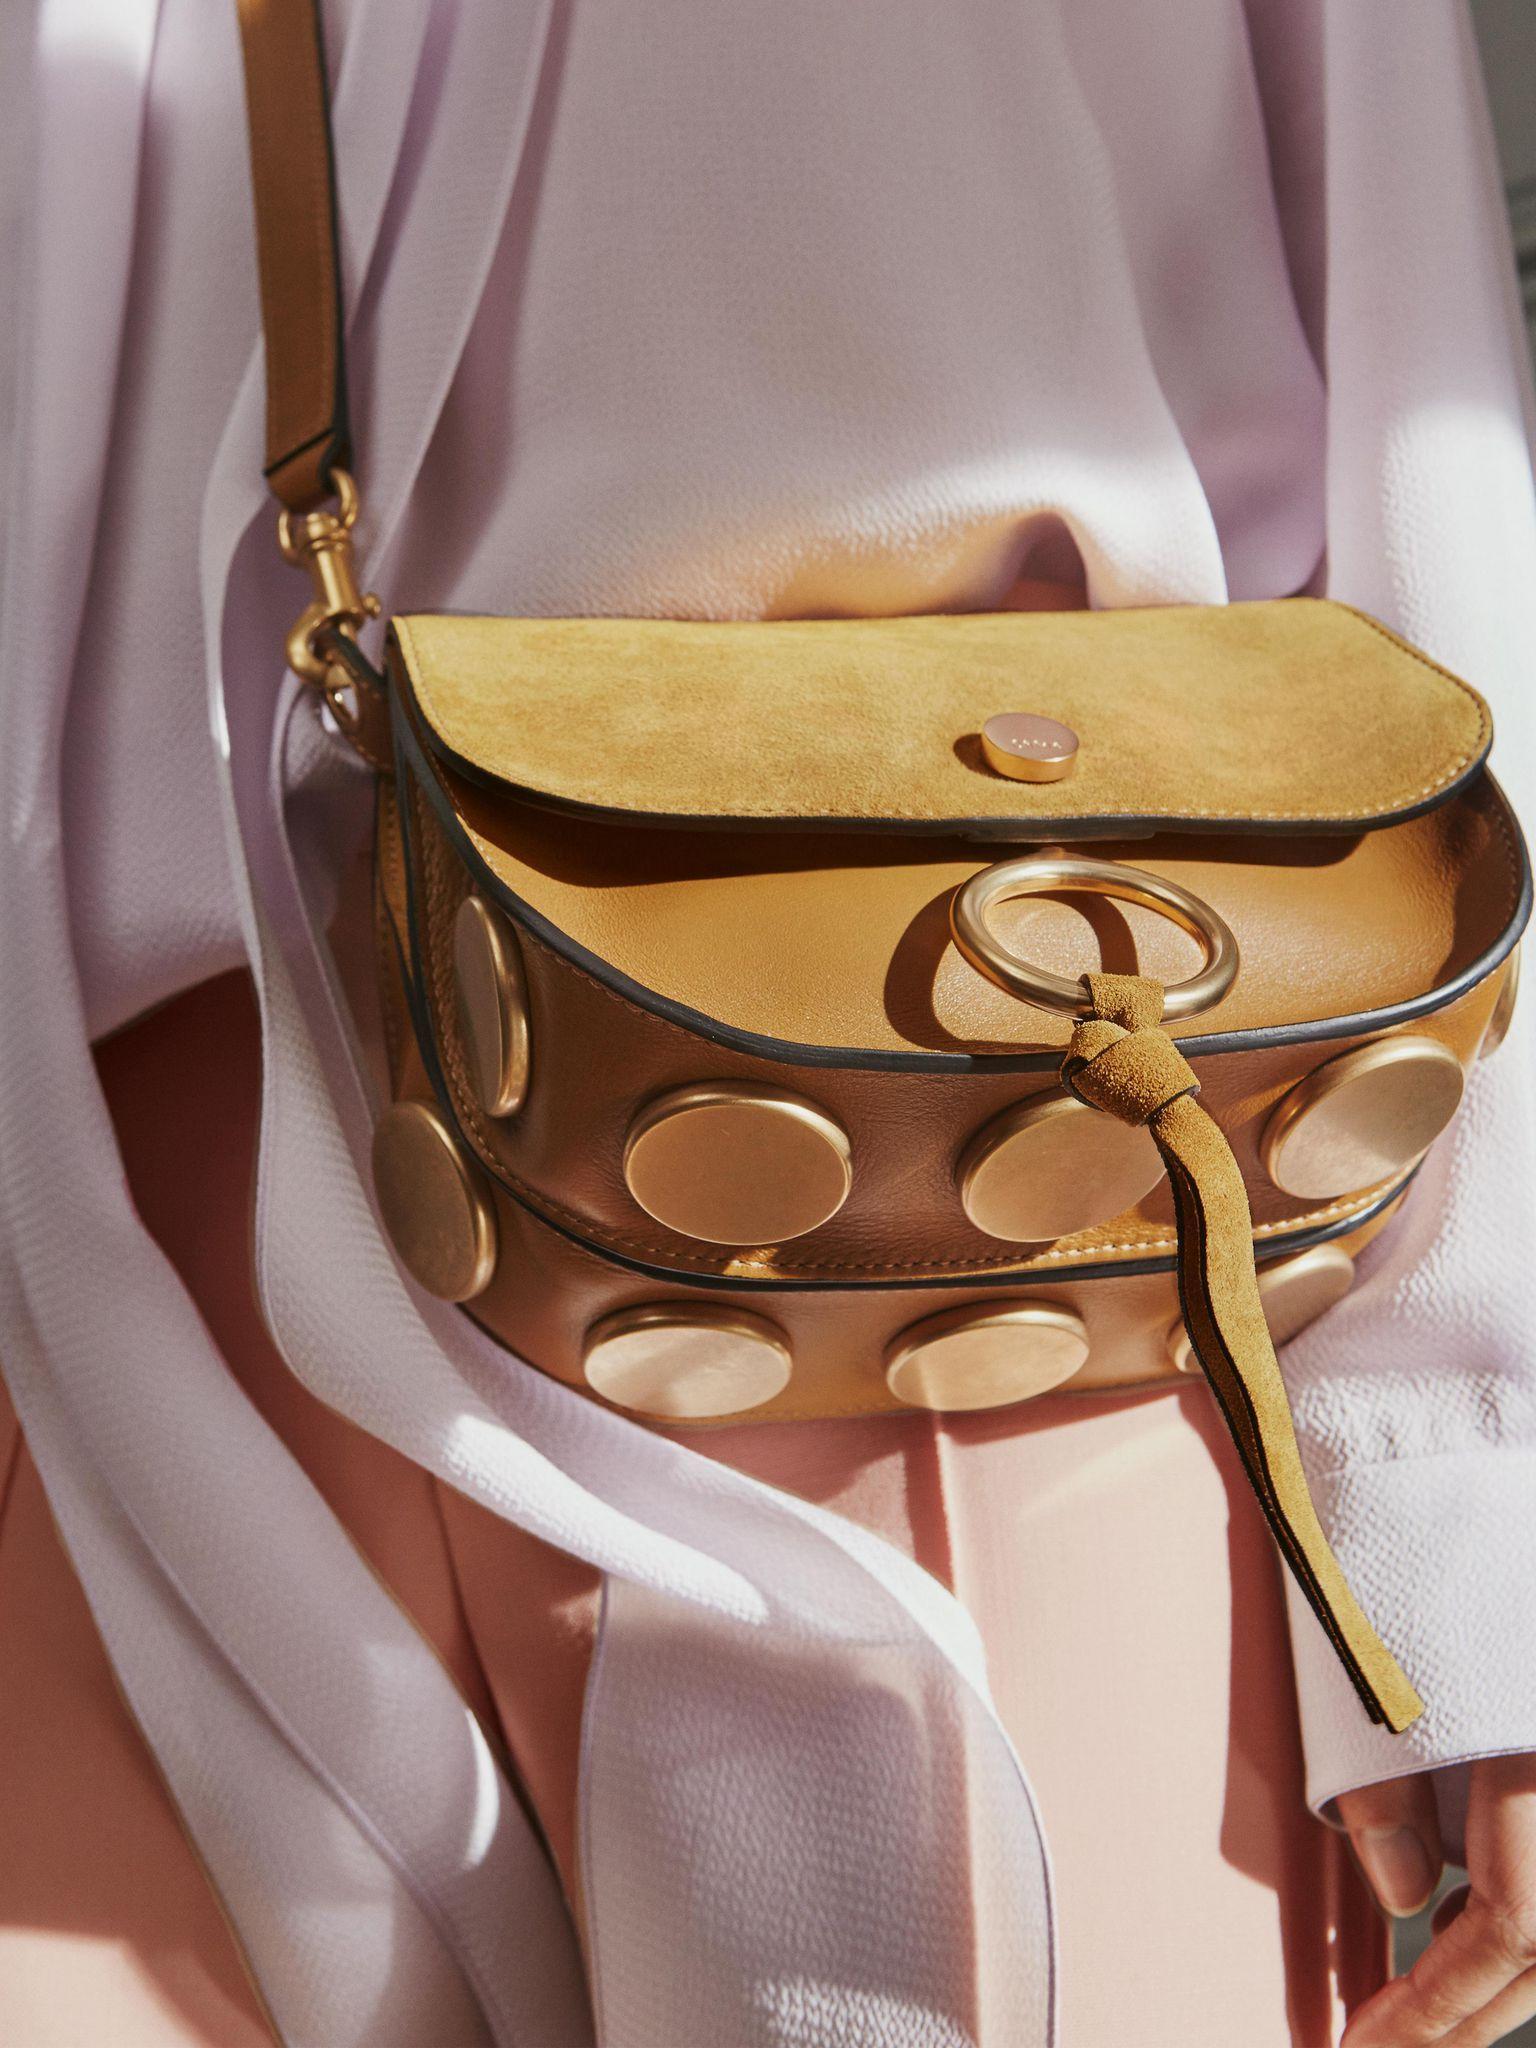 Chloé Kurtis Shoulder Bag d8e5980c62